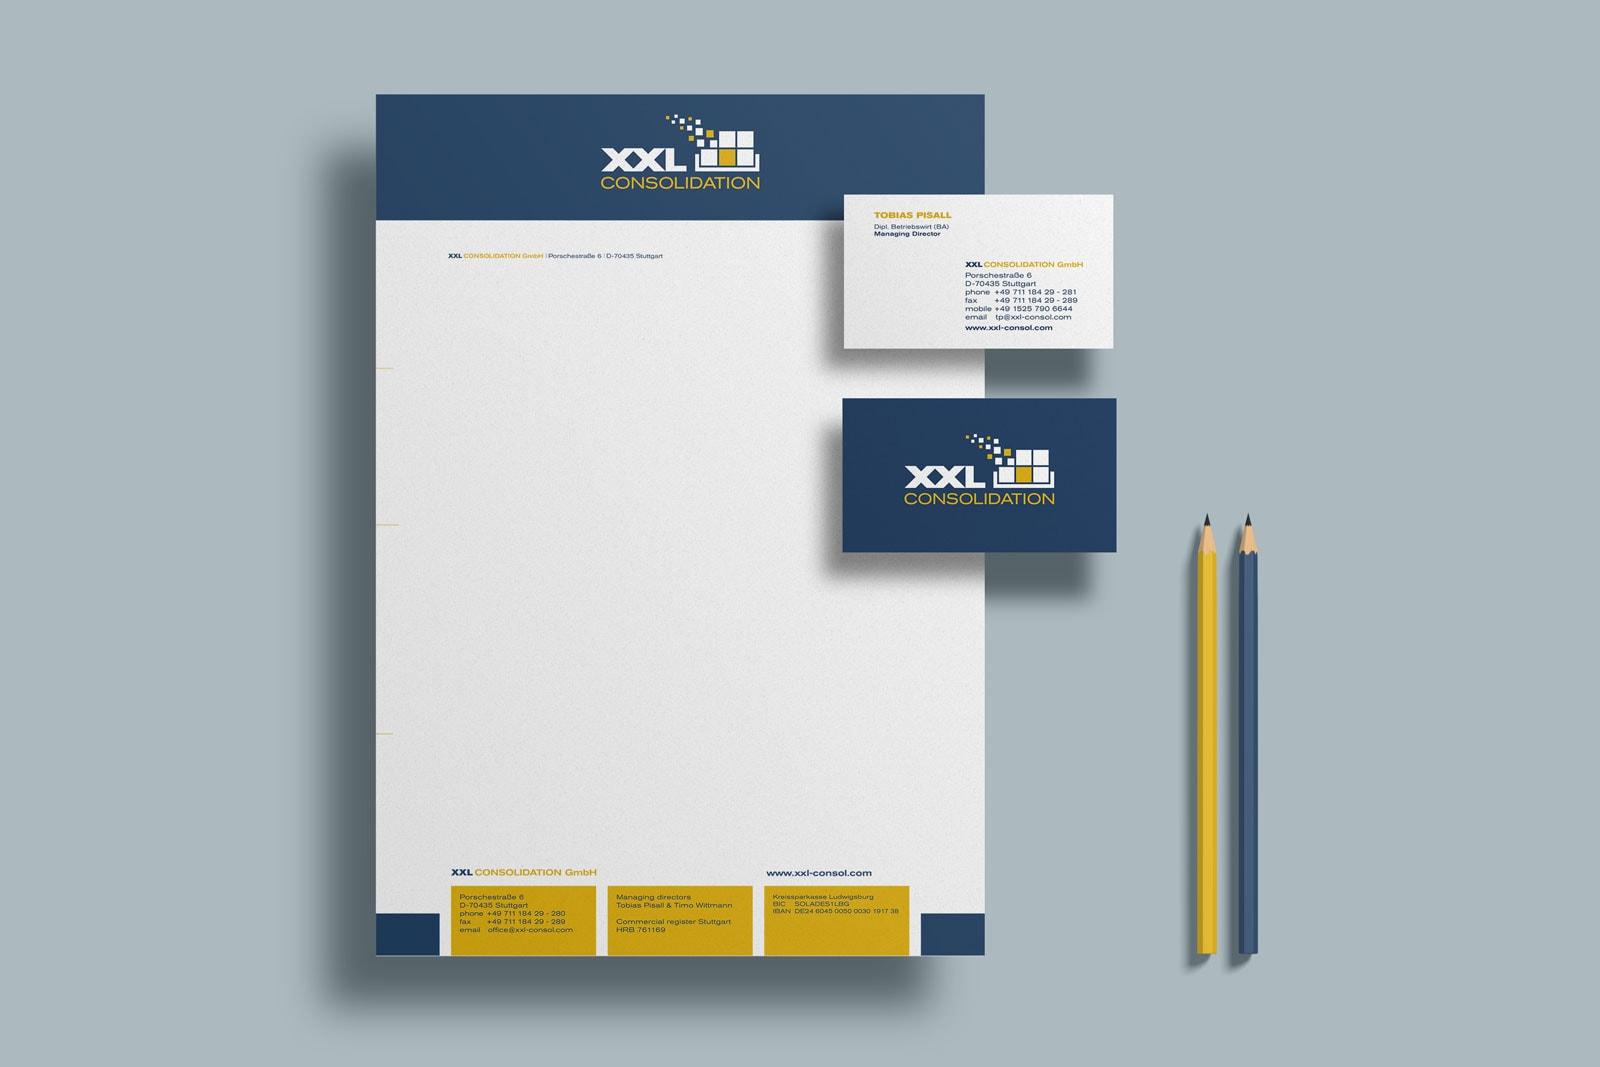 XXL Consolidation, Briefpapier, Visitenkarte, Geschäftsausstattung, Corporate Design